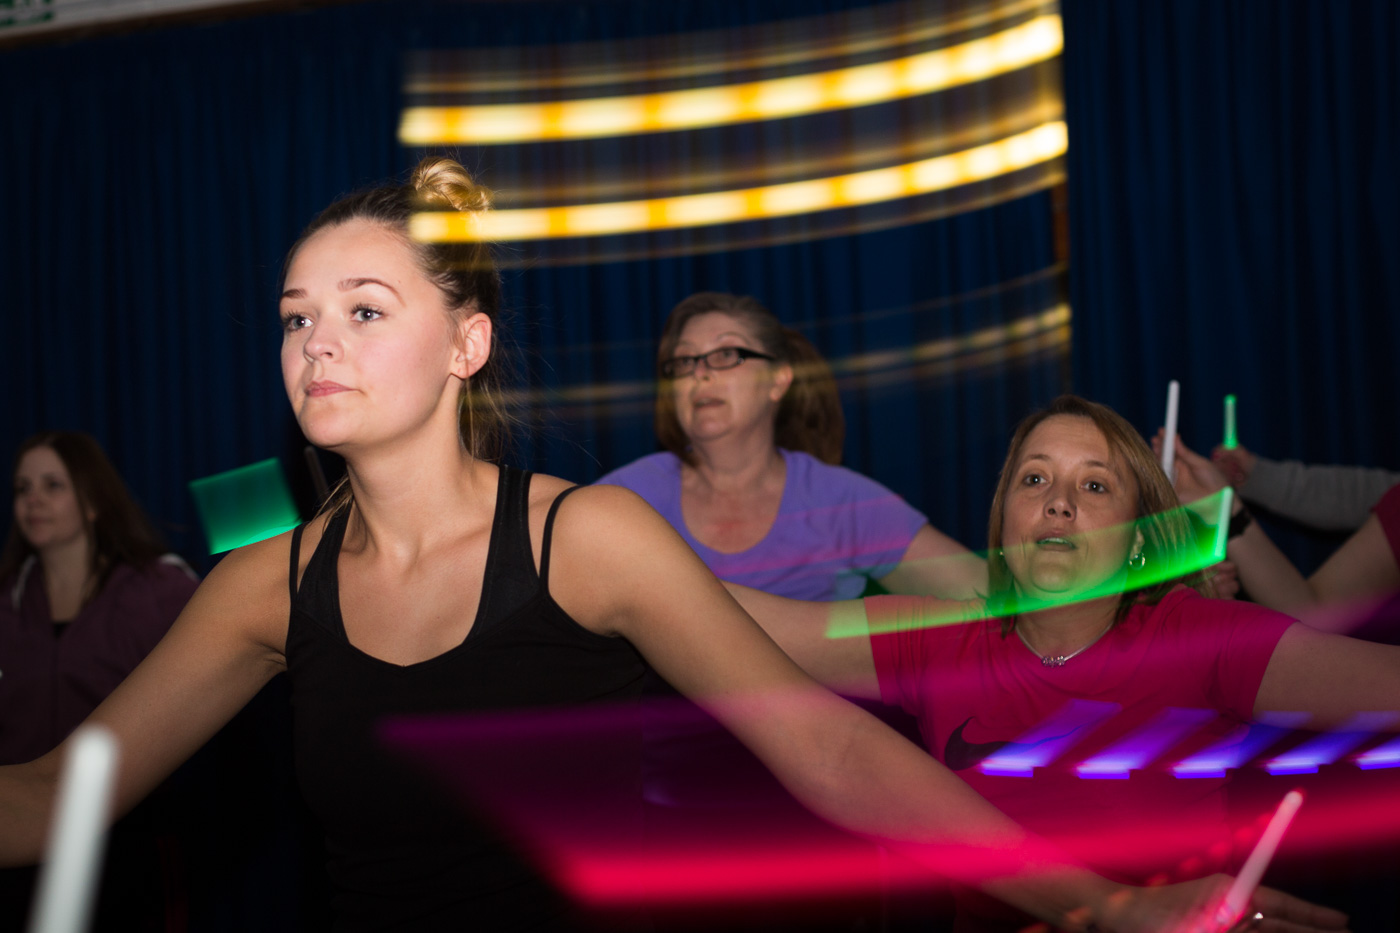 glow stick fun